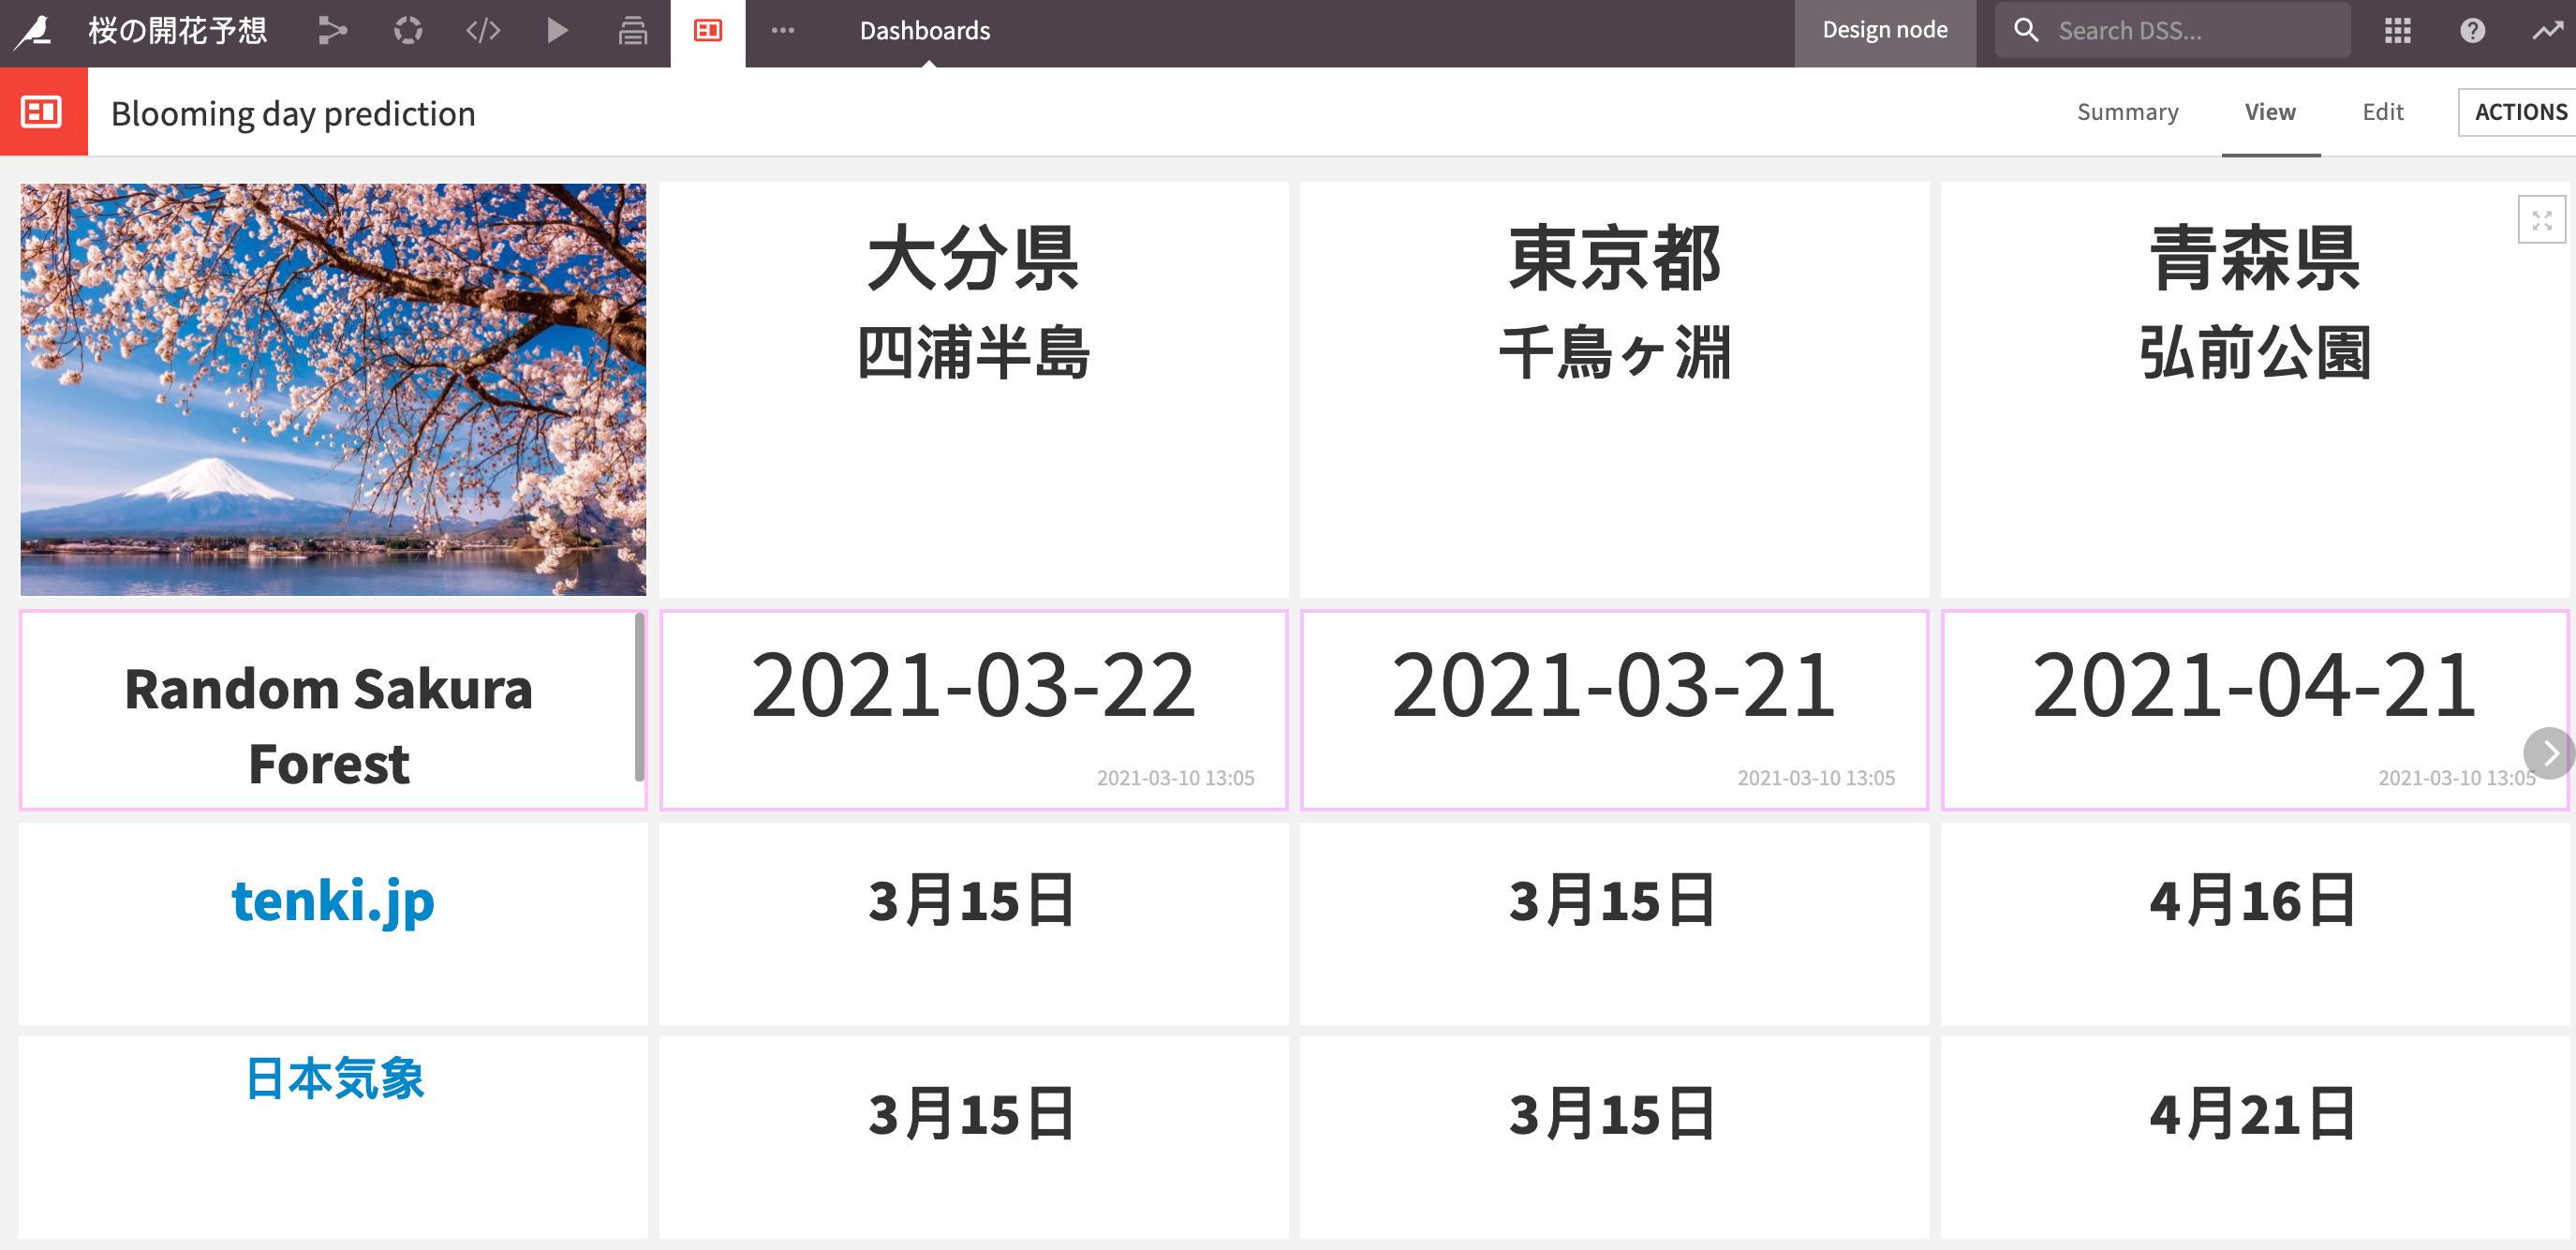 Screenshot 2021-03-10 at 17.31.58.png